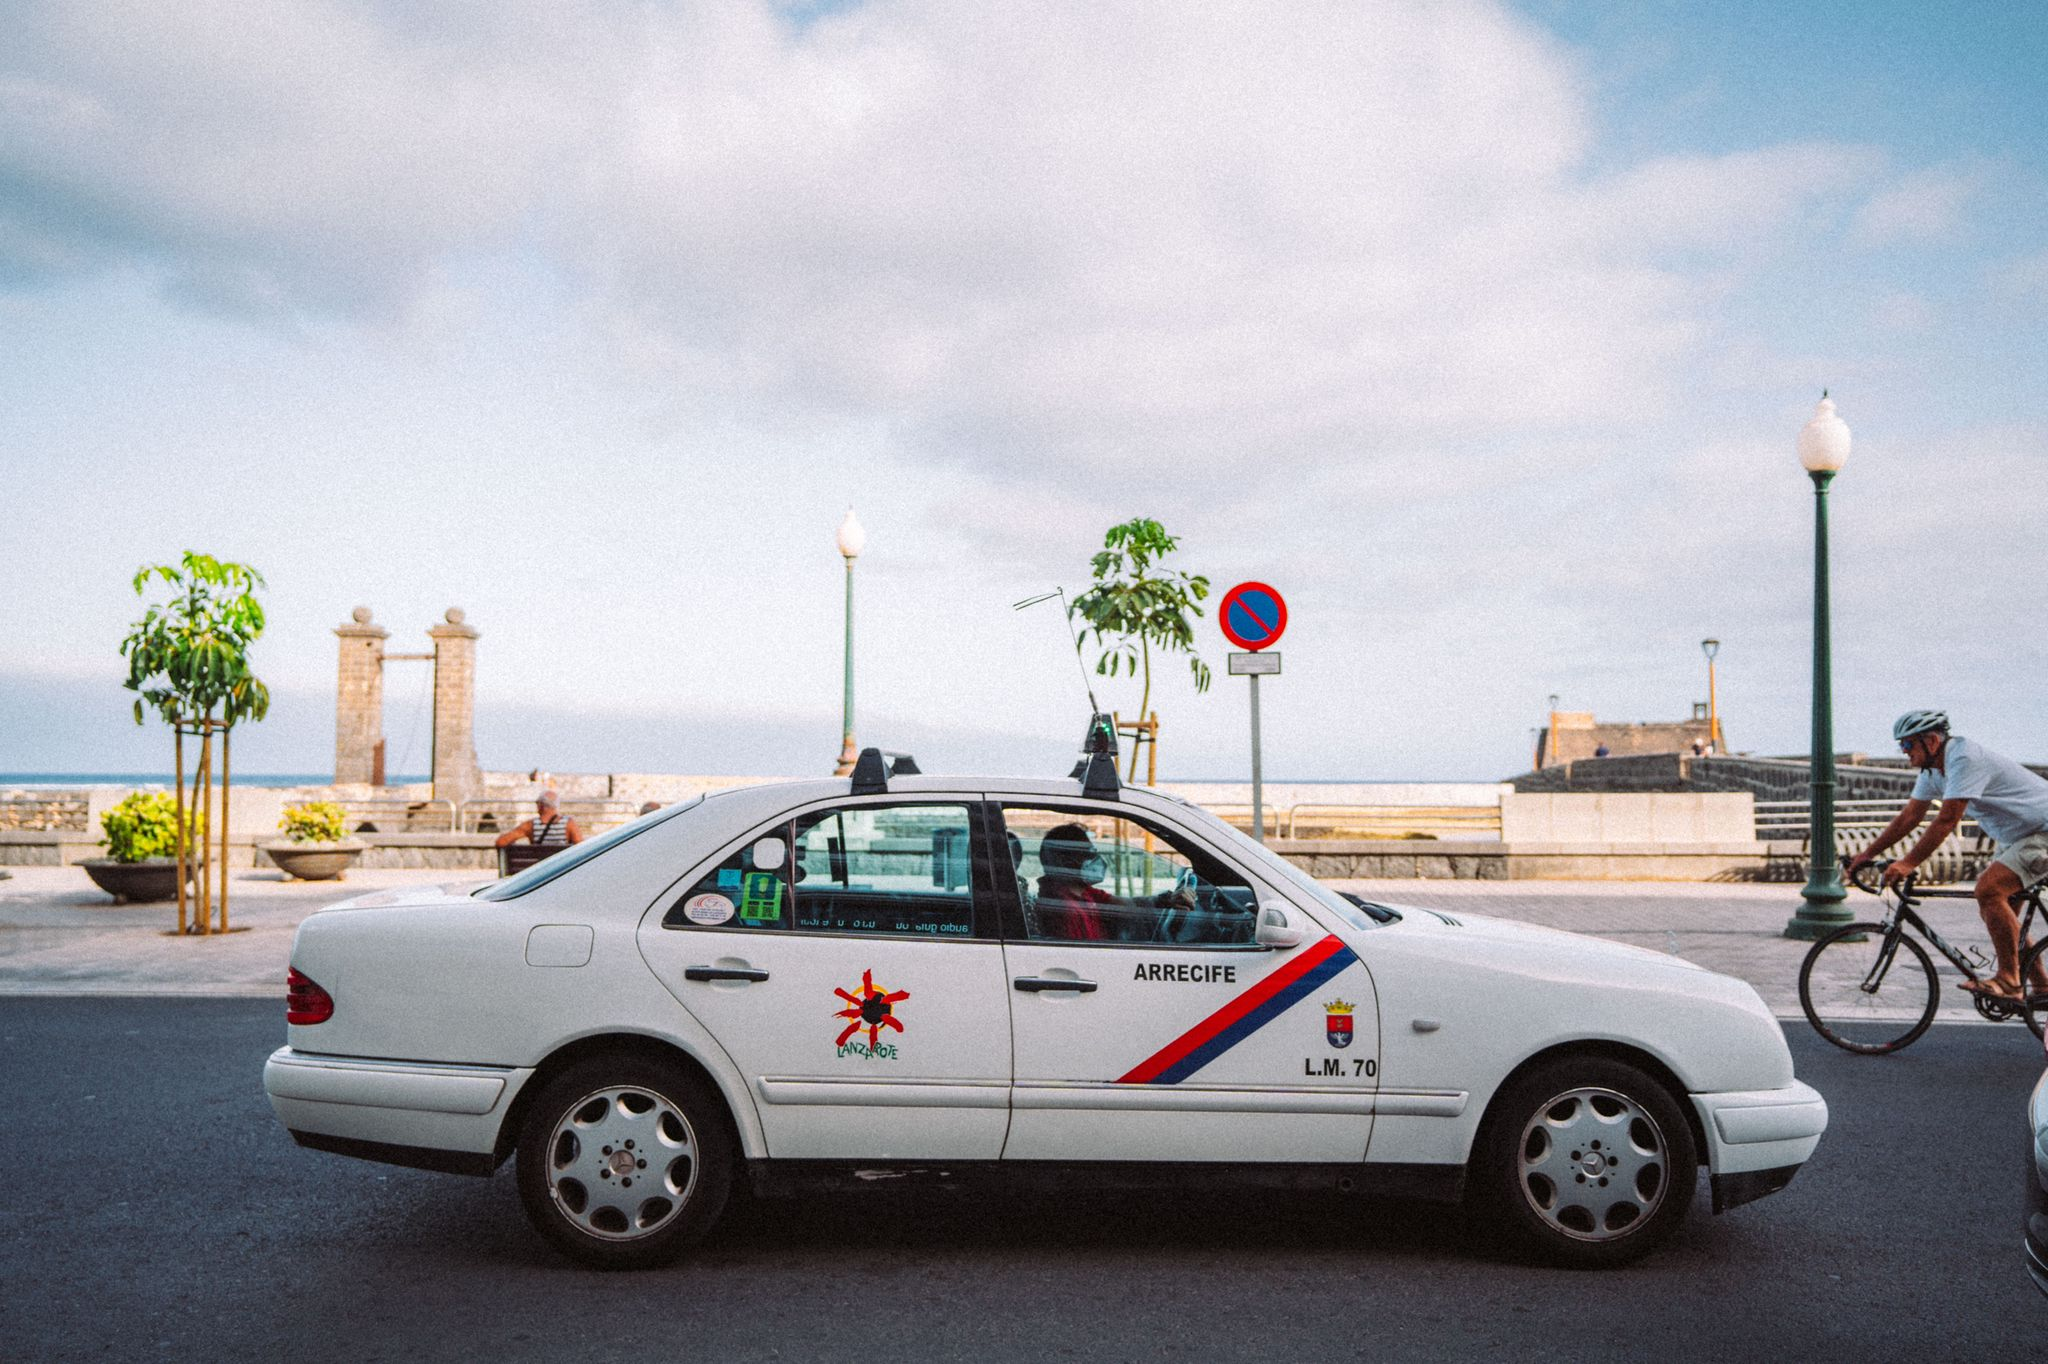 Taxi de Arrecife (Lanzarote) / CanariasNoticias.es